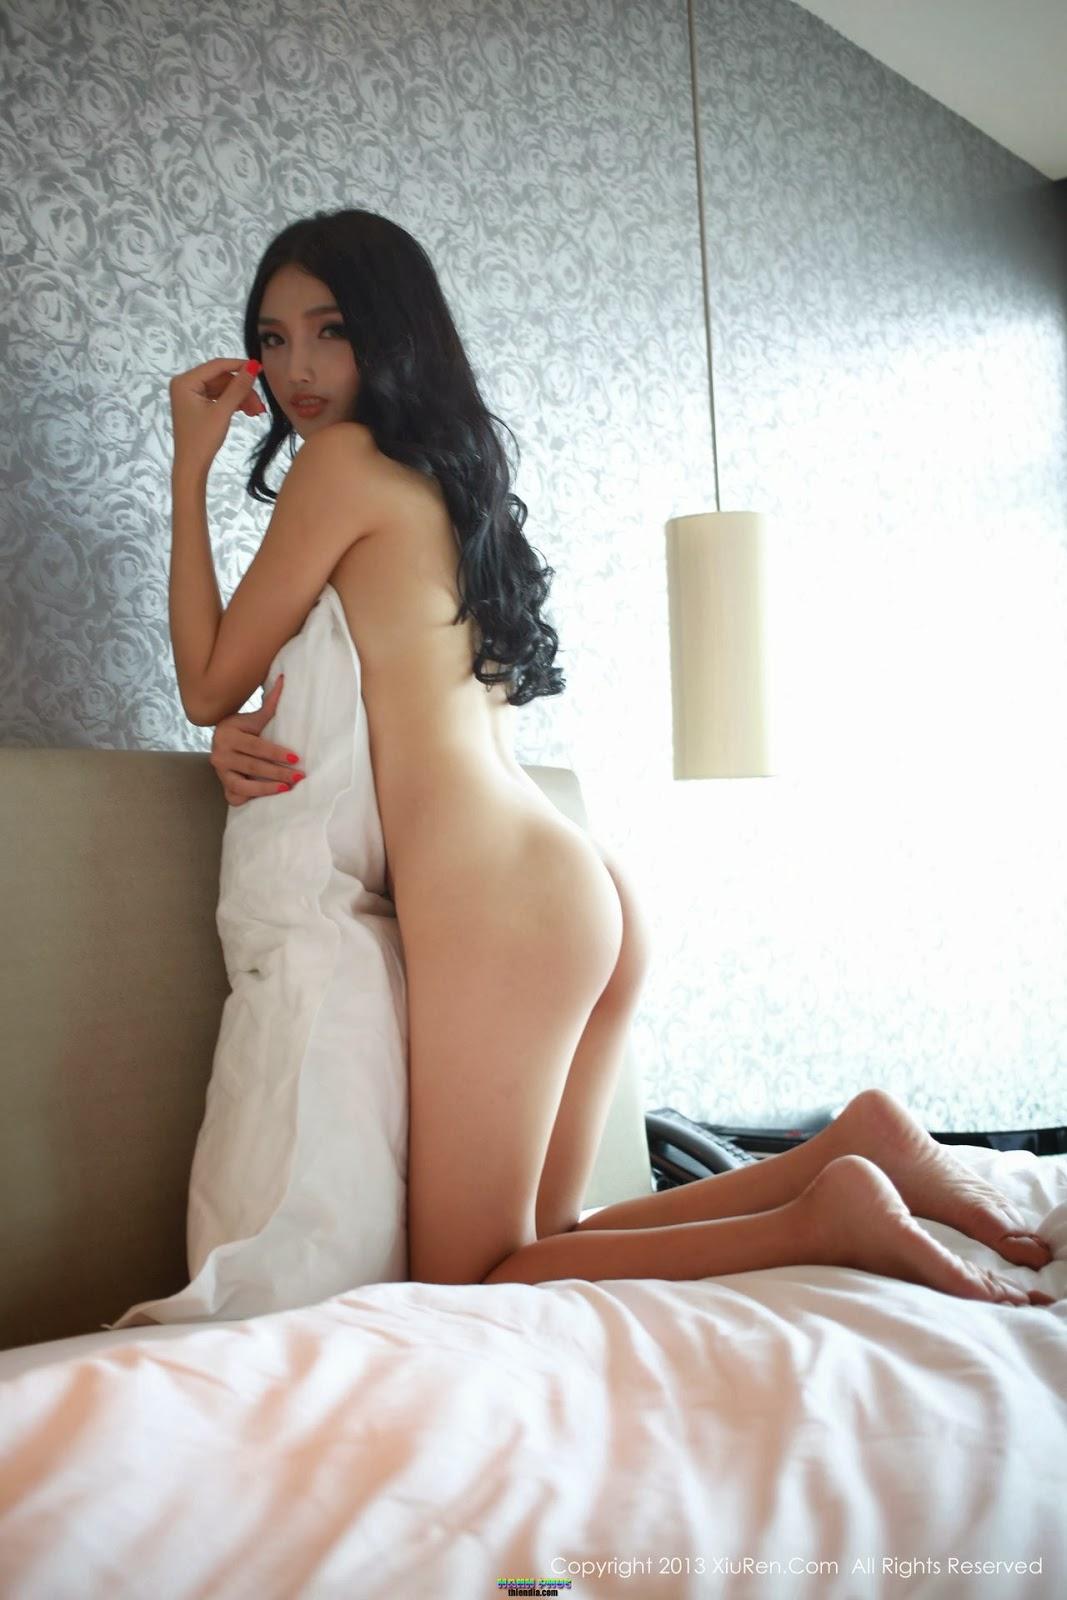 http://3.bp.blogspot.com/-k5M3aytVHRQ/Ut1QPN3jm1I/AAAAAAAAGZc/5zHUVV4v8xs/s1600/0025.jpg